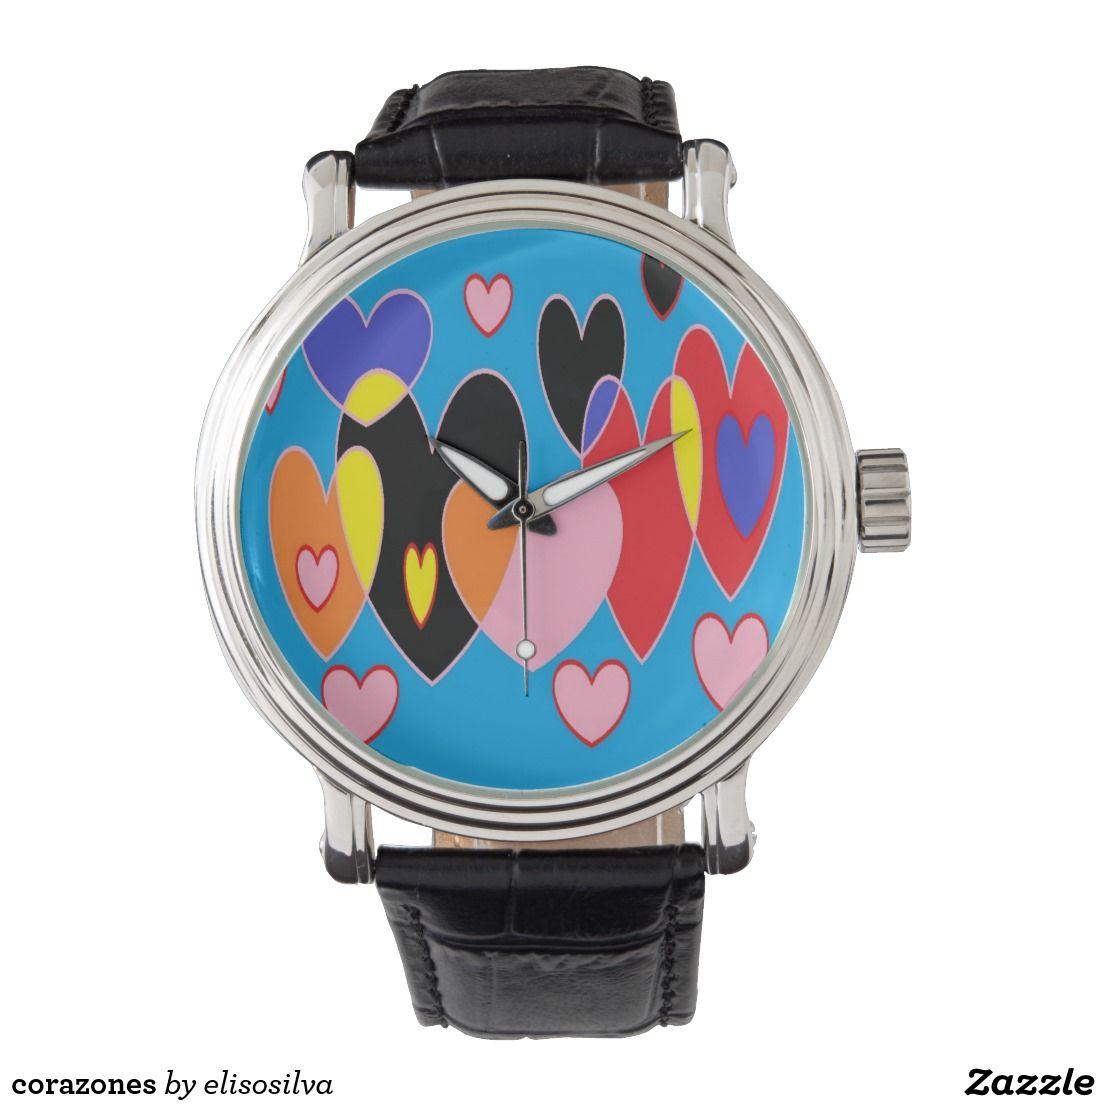 corazones reloj